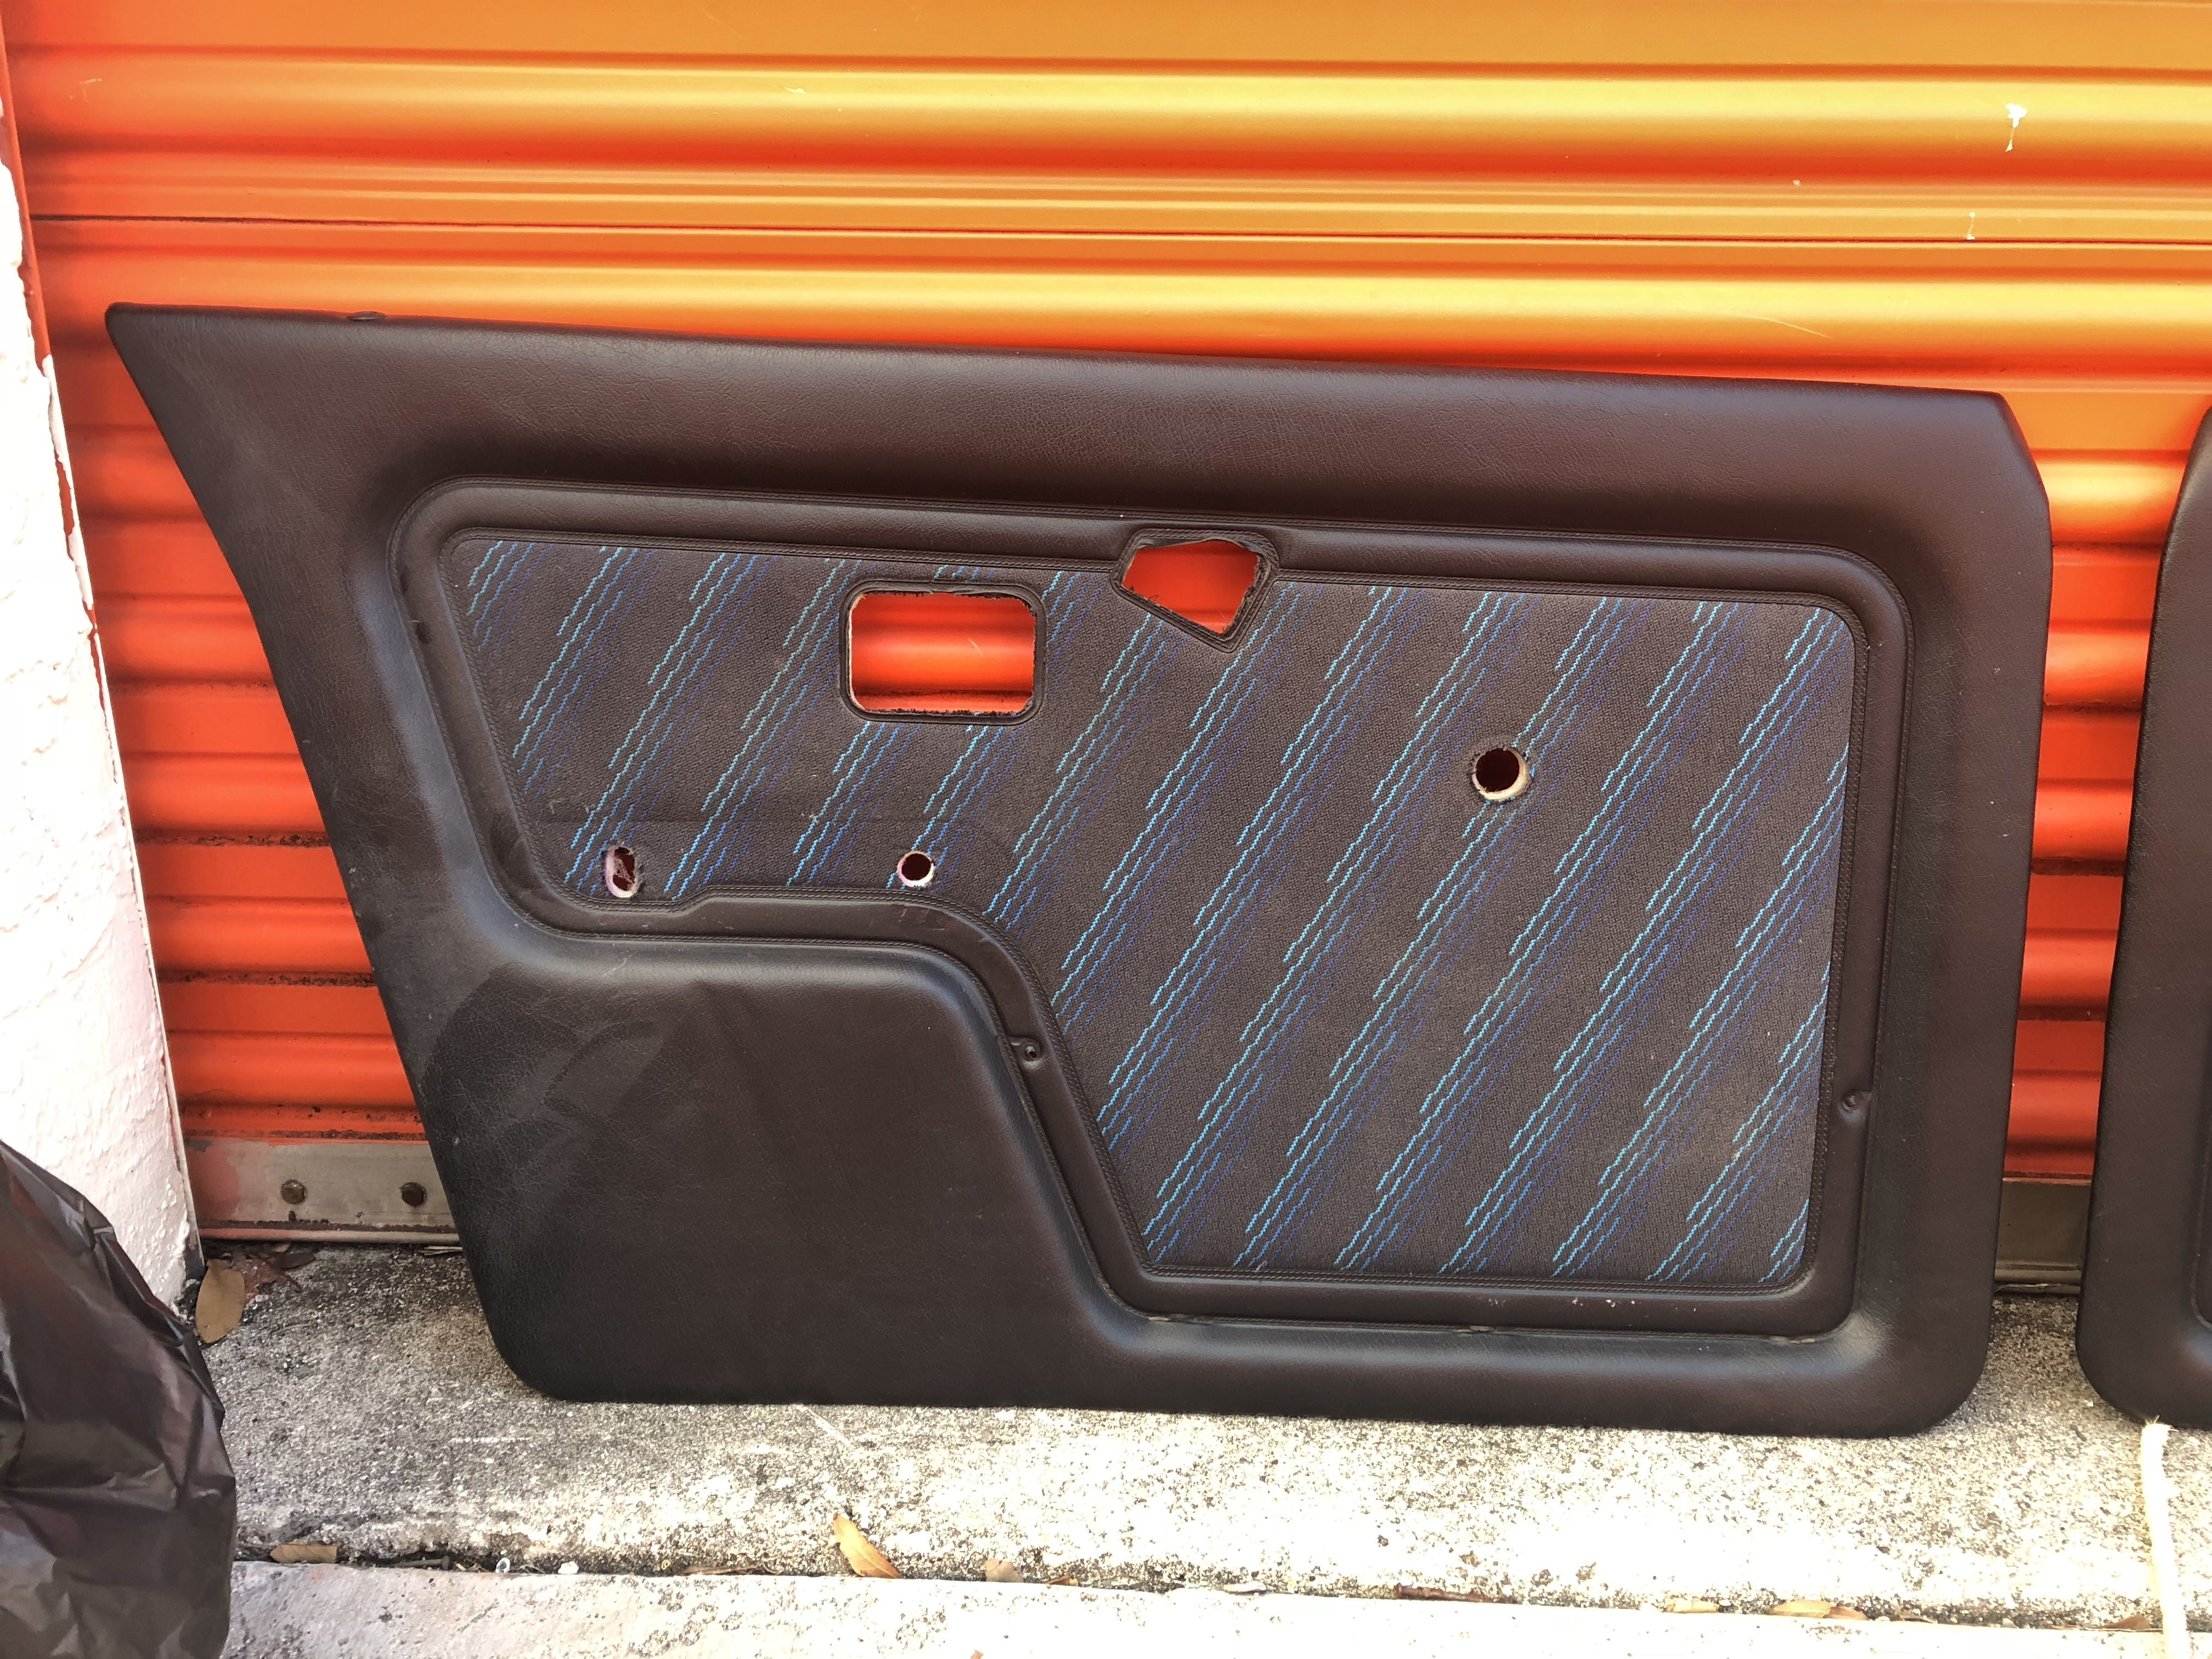 & FS - E30 Sedan Mtech Blau pattern door cards